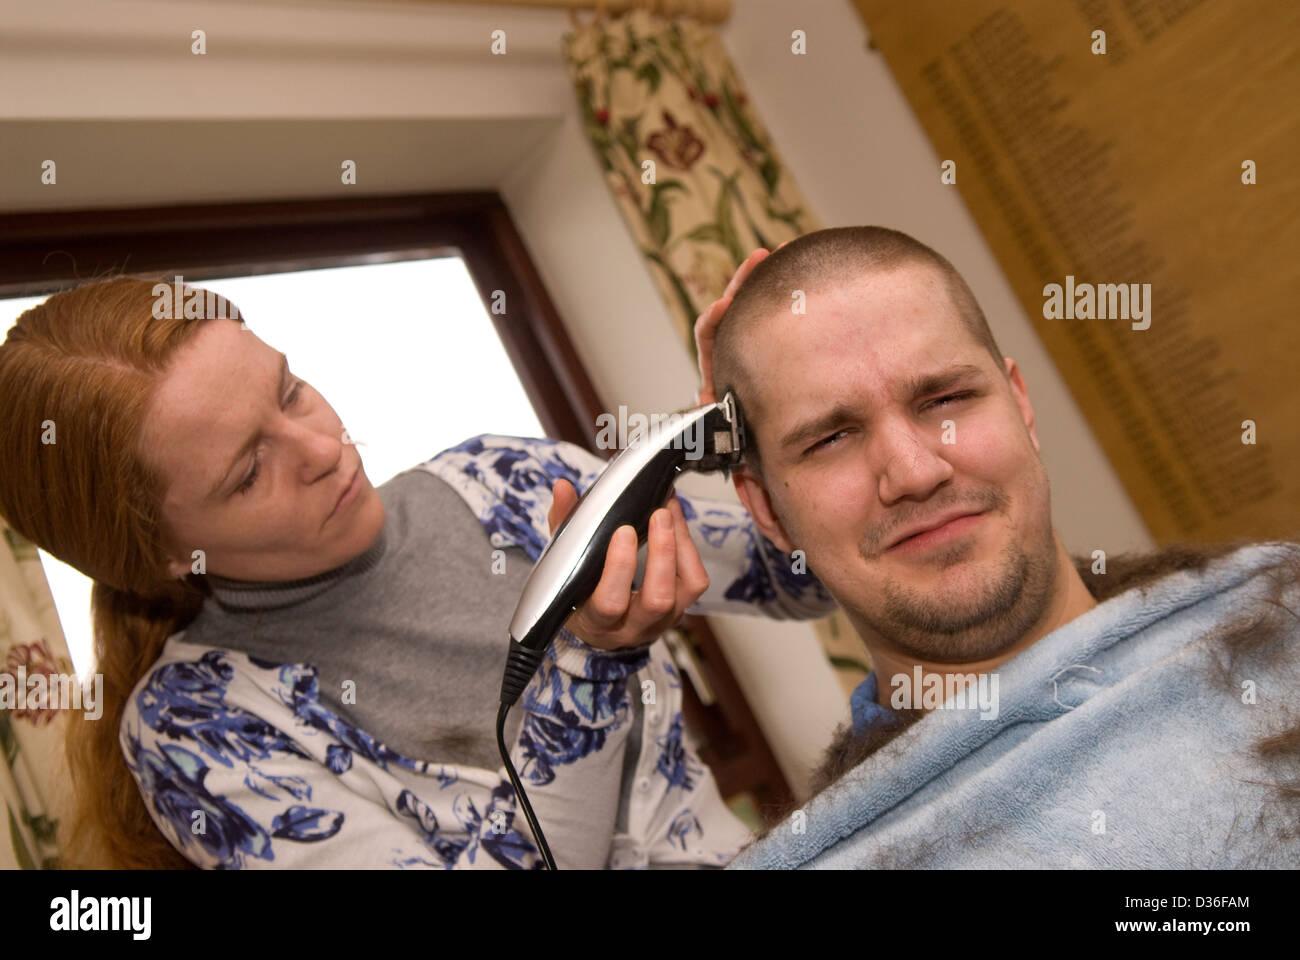 Hombre de 26 años en el proceso de tener todos sus pelos afeitados por un cáncer la caridad, Bordon, Hampshire, Reino Unido. Foto de stock